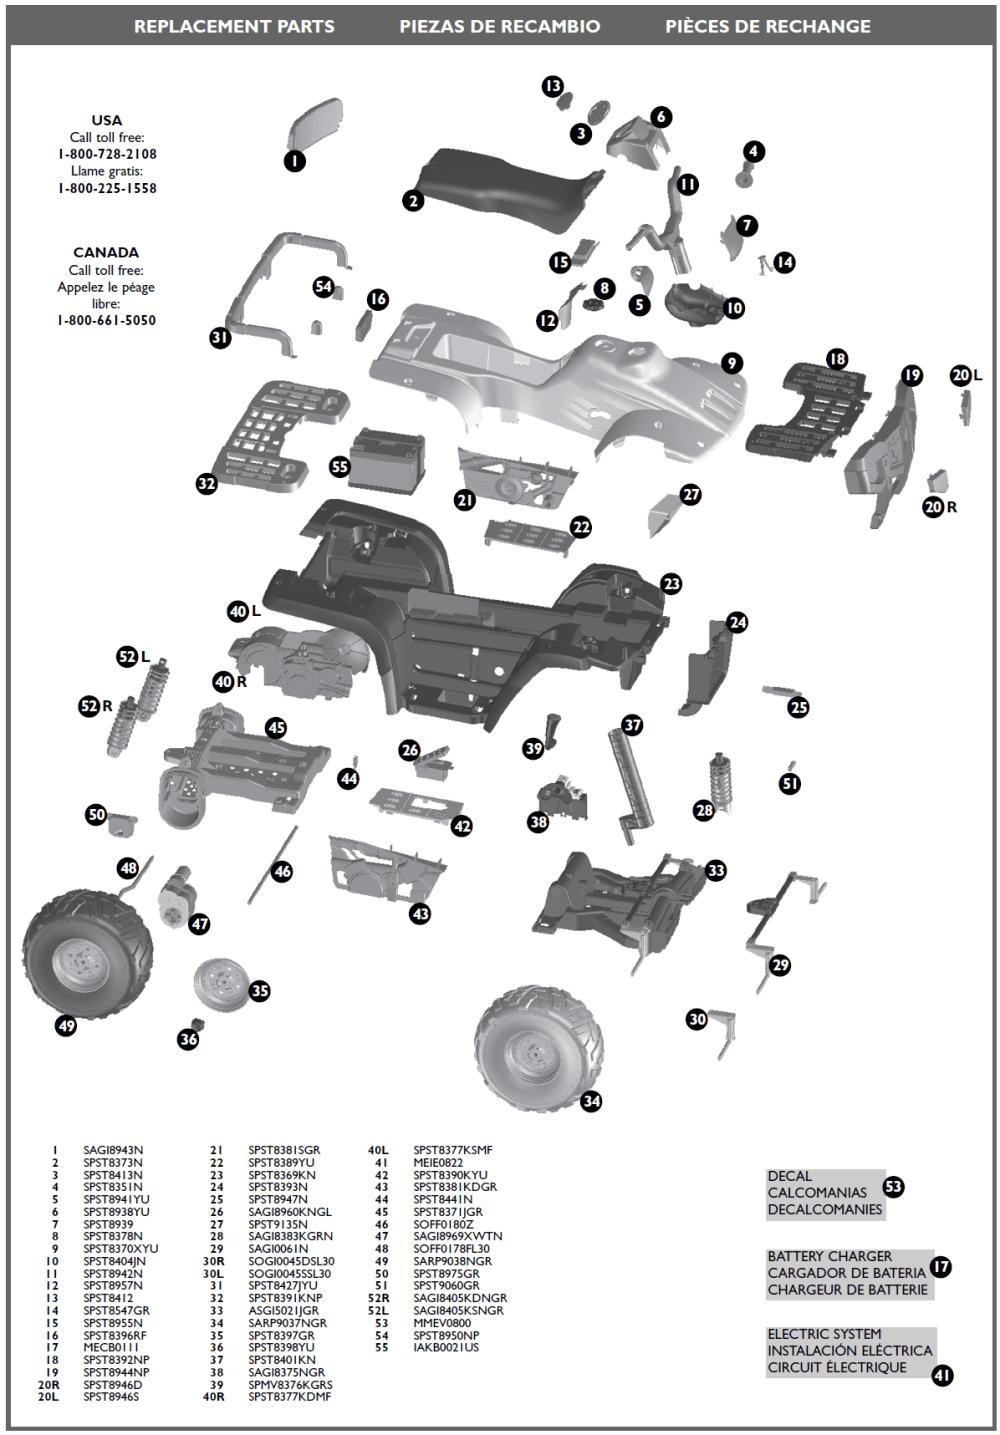 medium resolution of 2002 polaris sportsman 500 ho wiring diagram 2006 polaris sportsman 500 ho parts diagram 2006 polaris